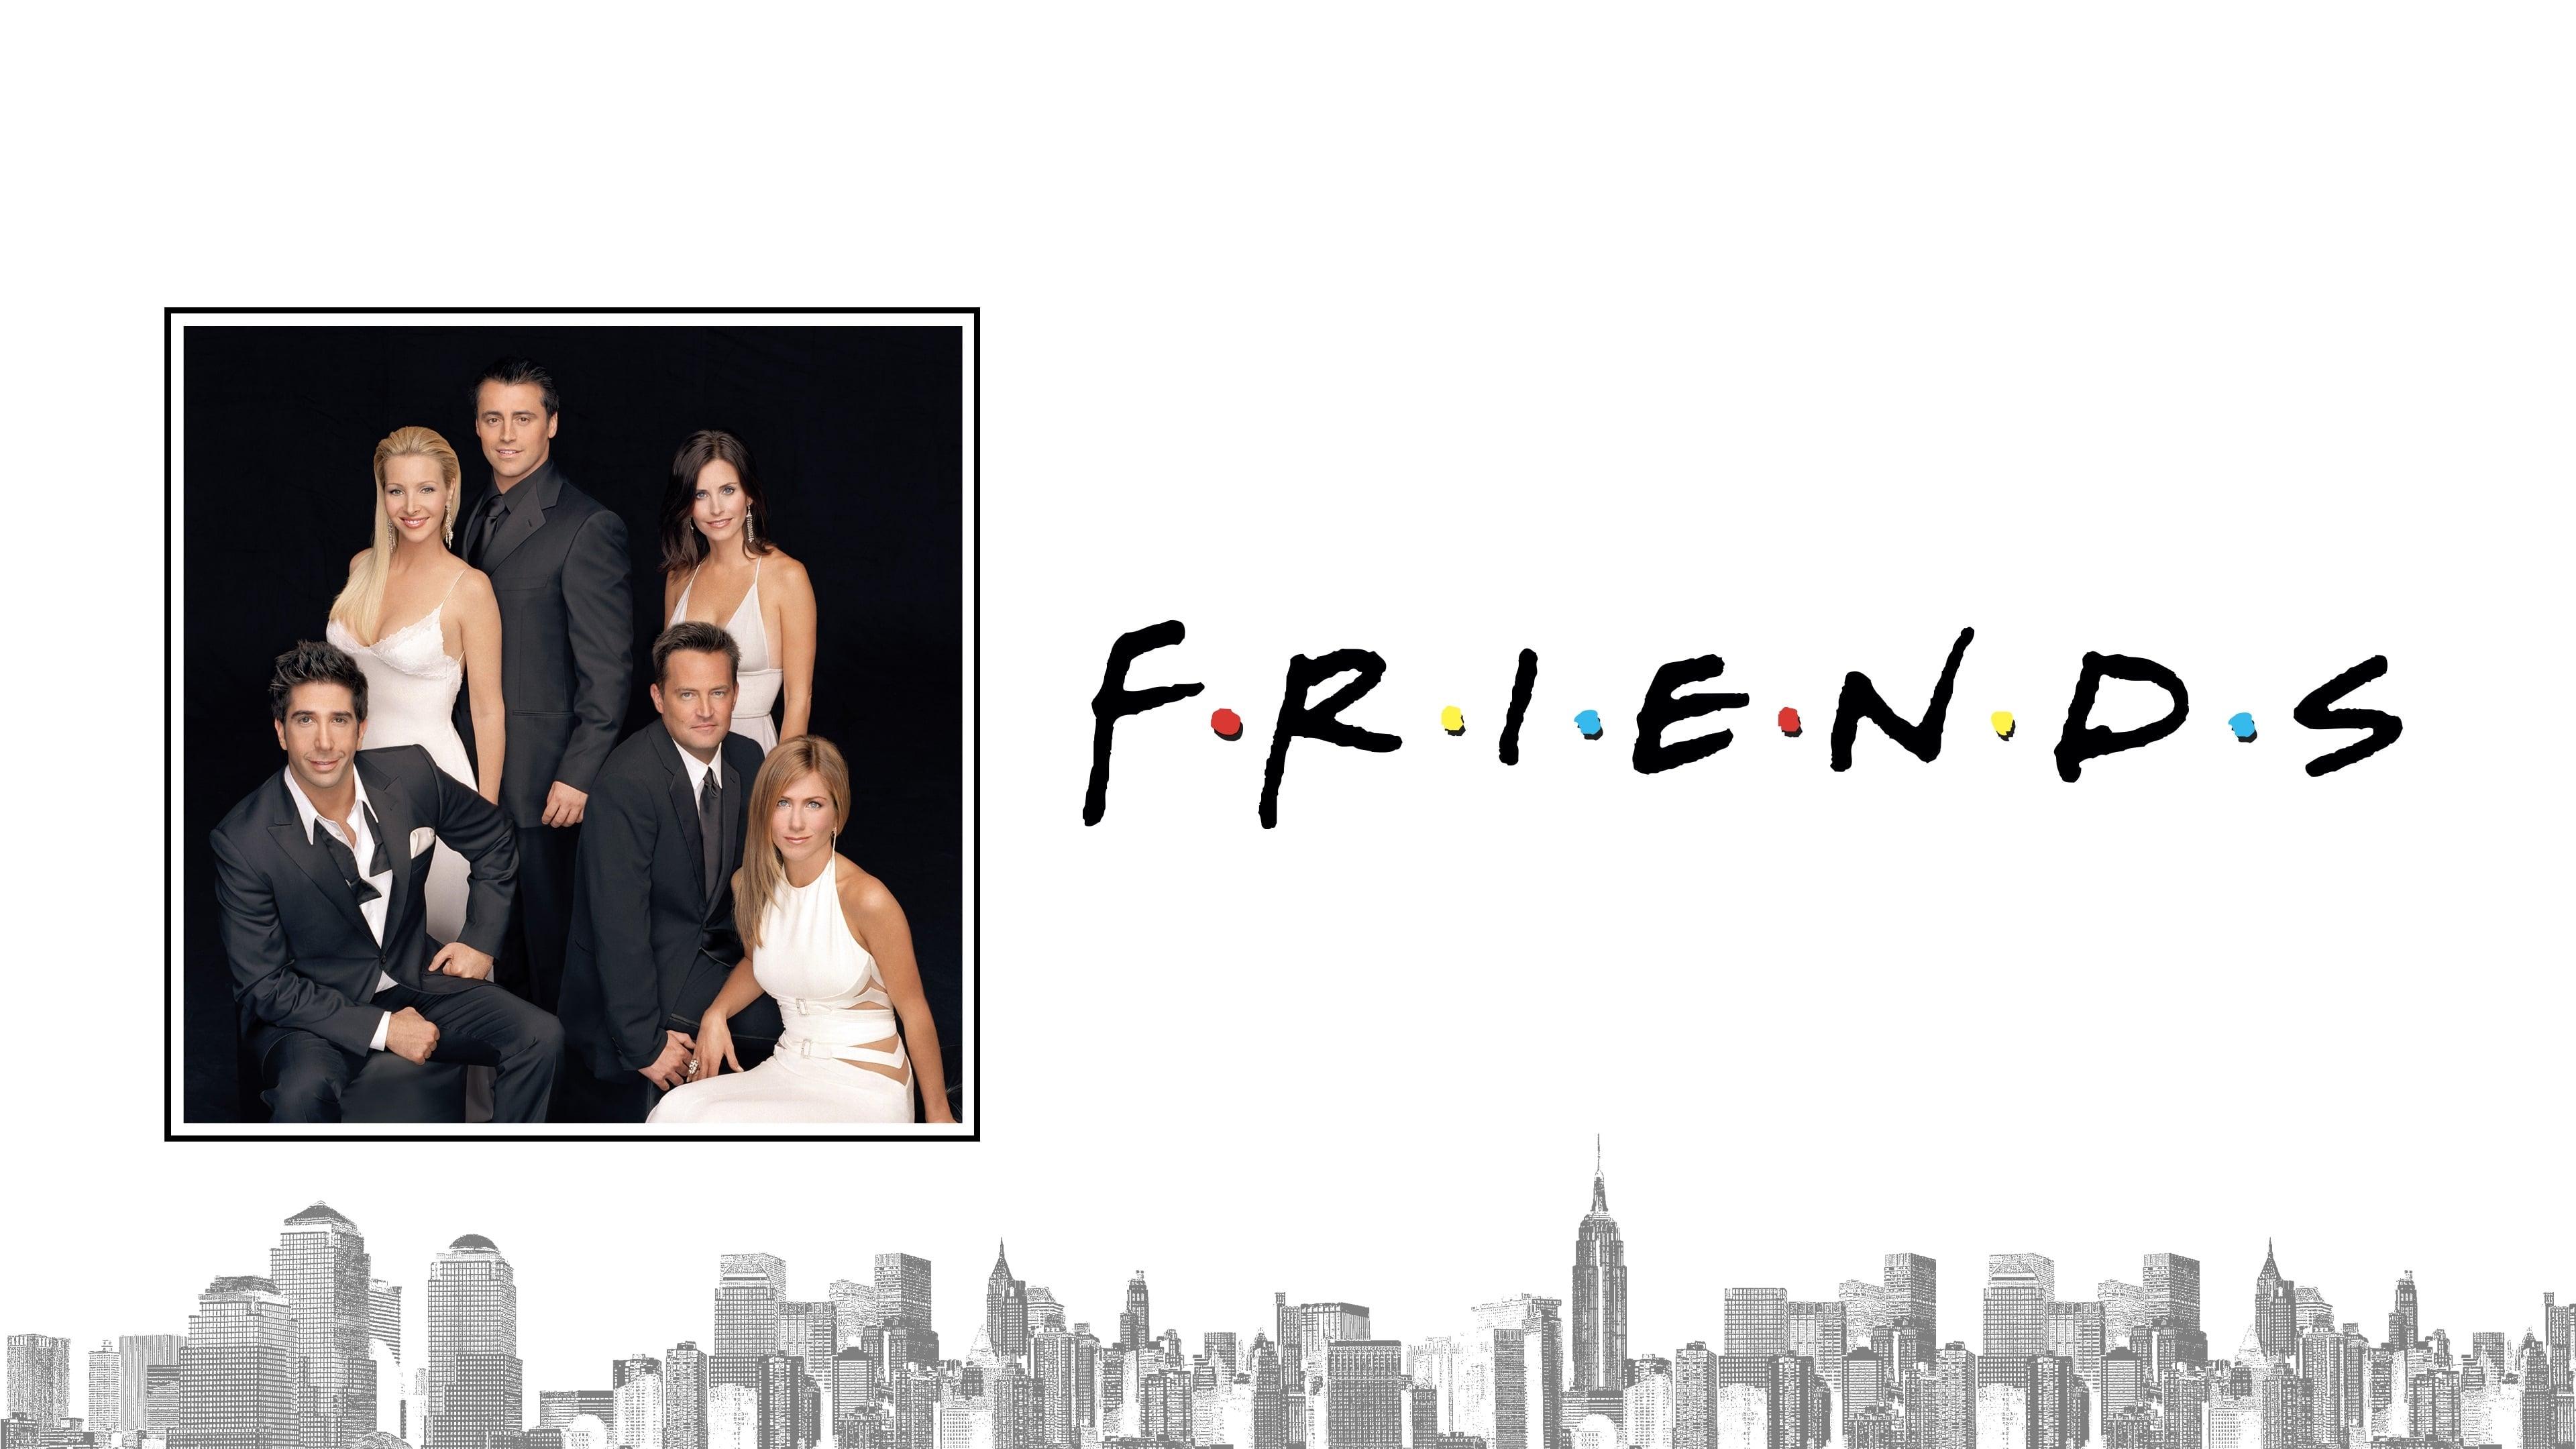 Maak kans op de complete serie van Friends